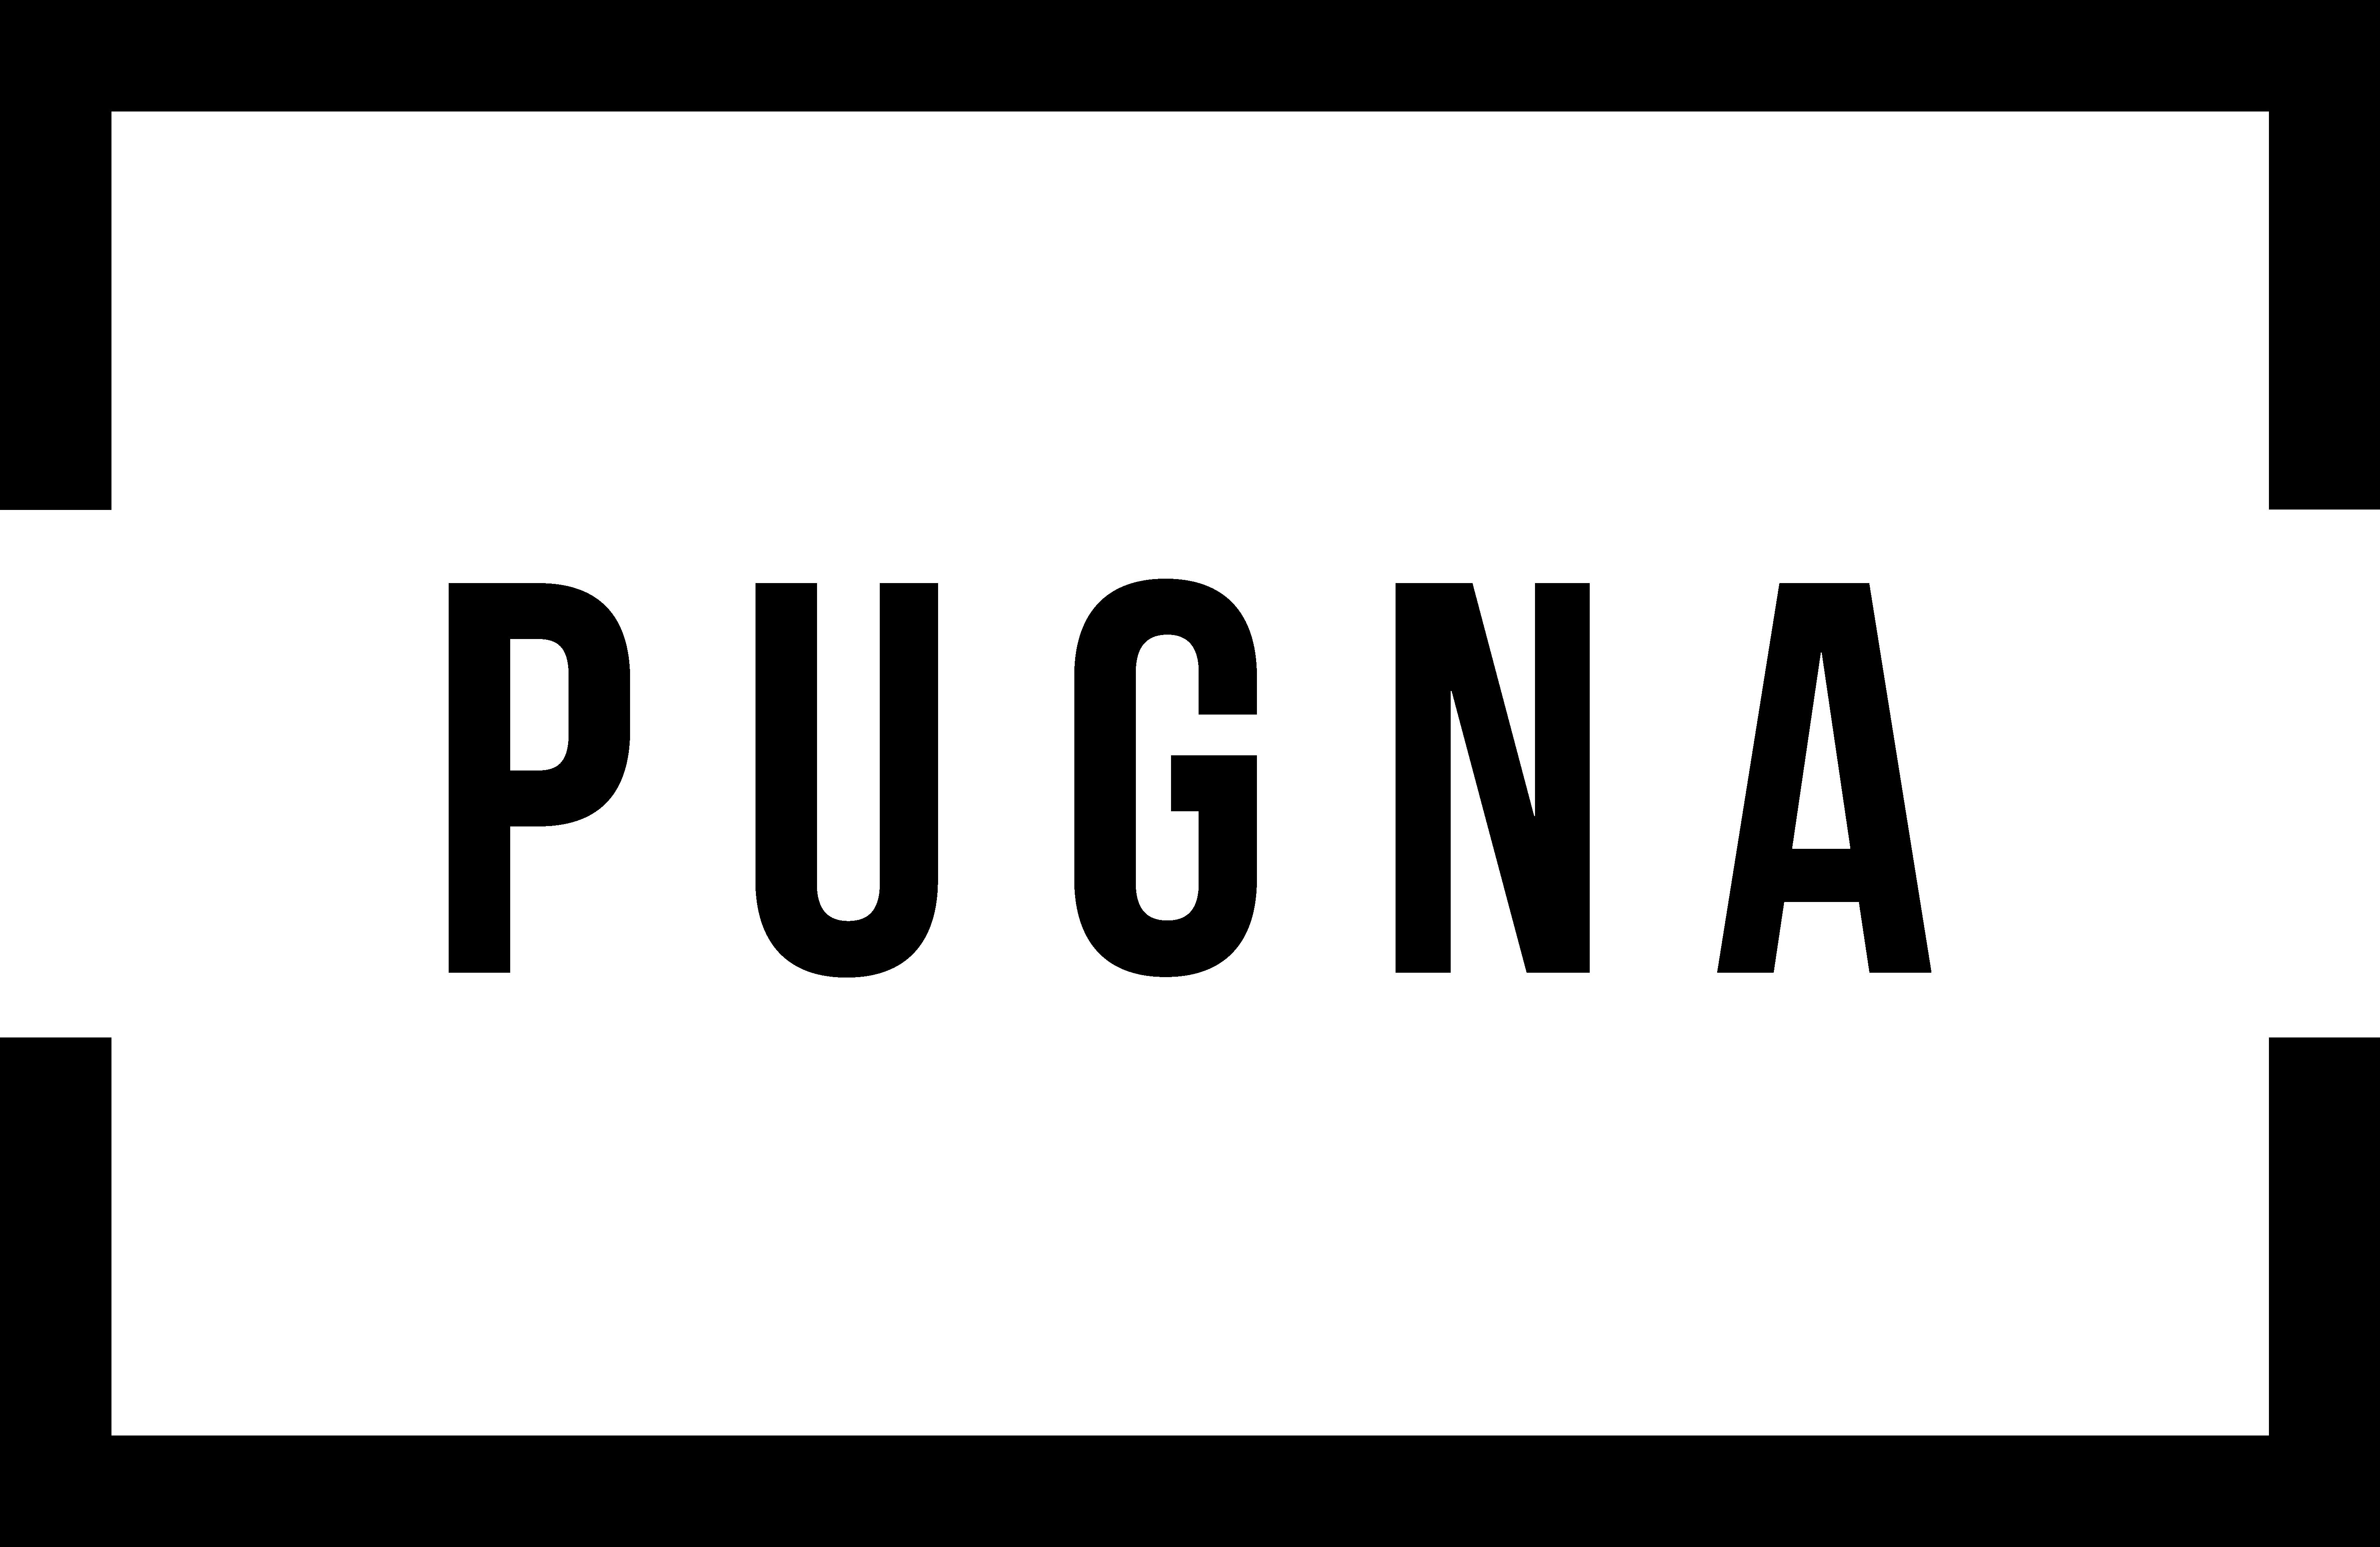 PUGNA